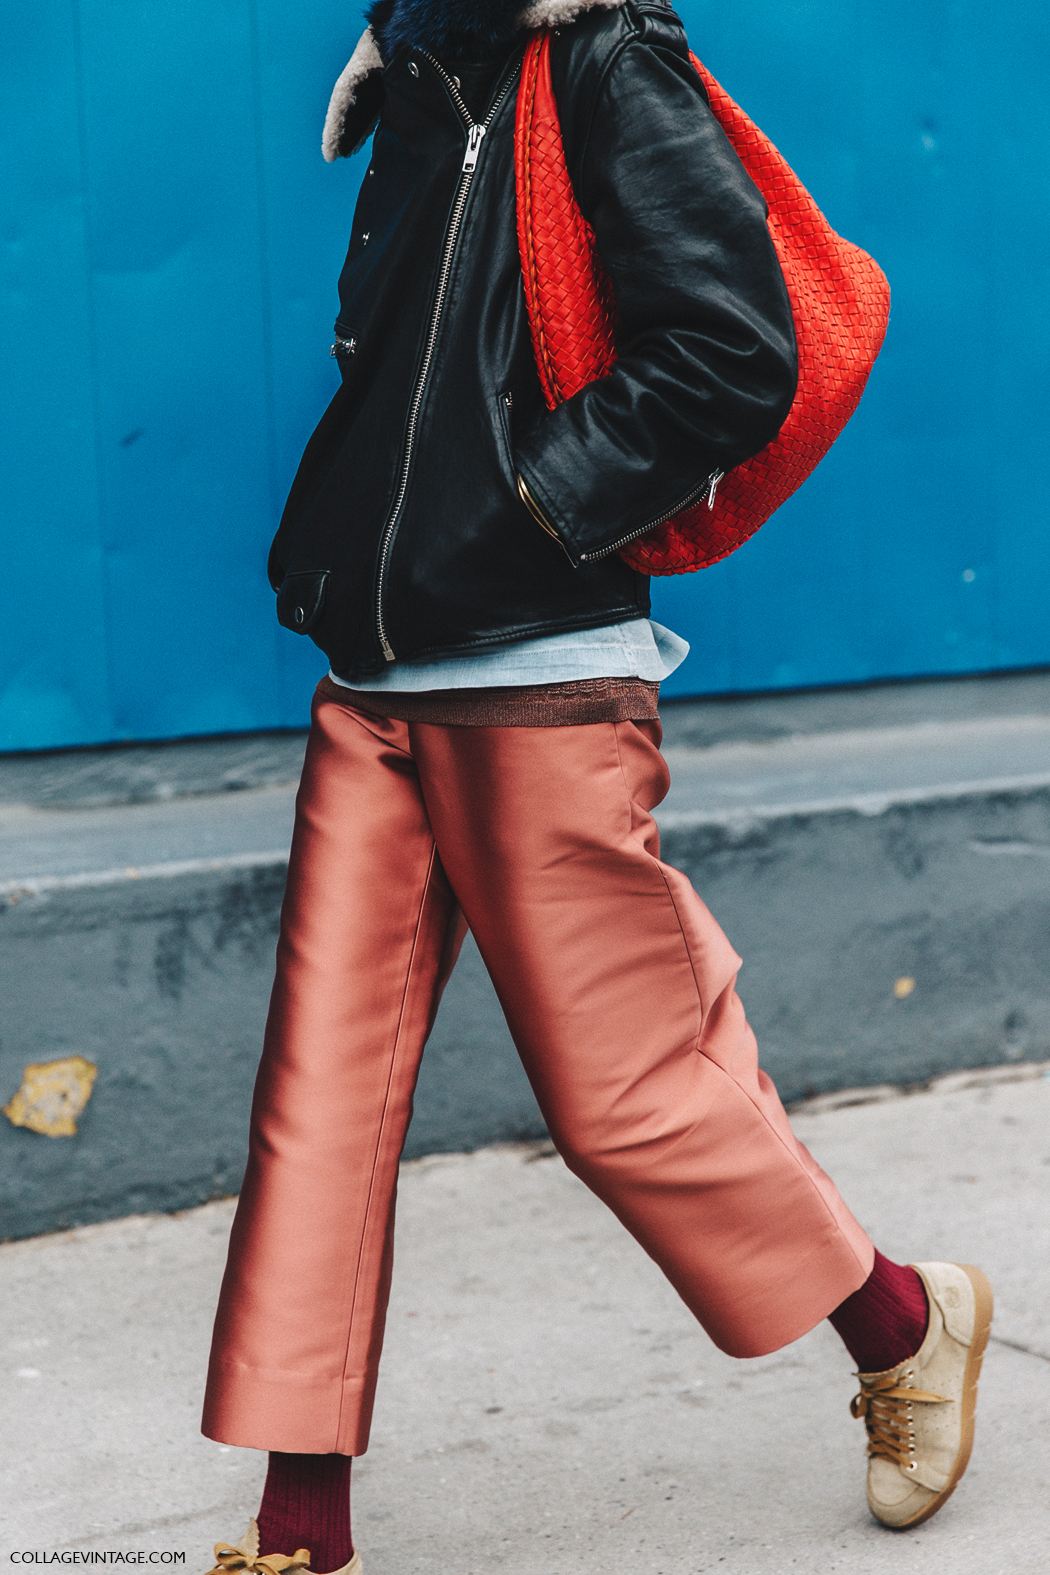 NYFW-New_York_Fashion_Week-Fall_Winter-16-Street_Style-Pink_Trousers-Sneakers-Biker_Jacket-